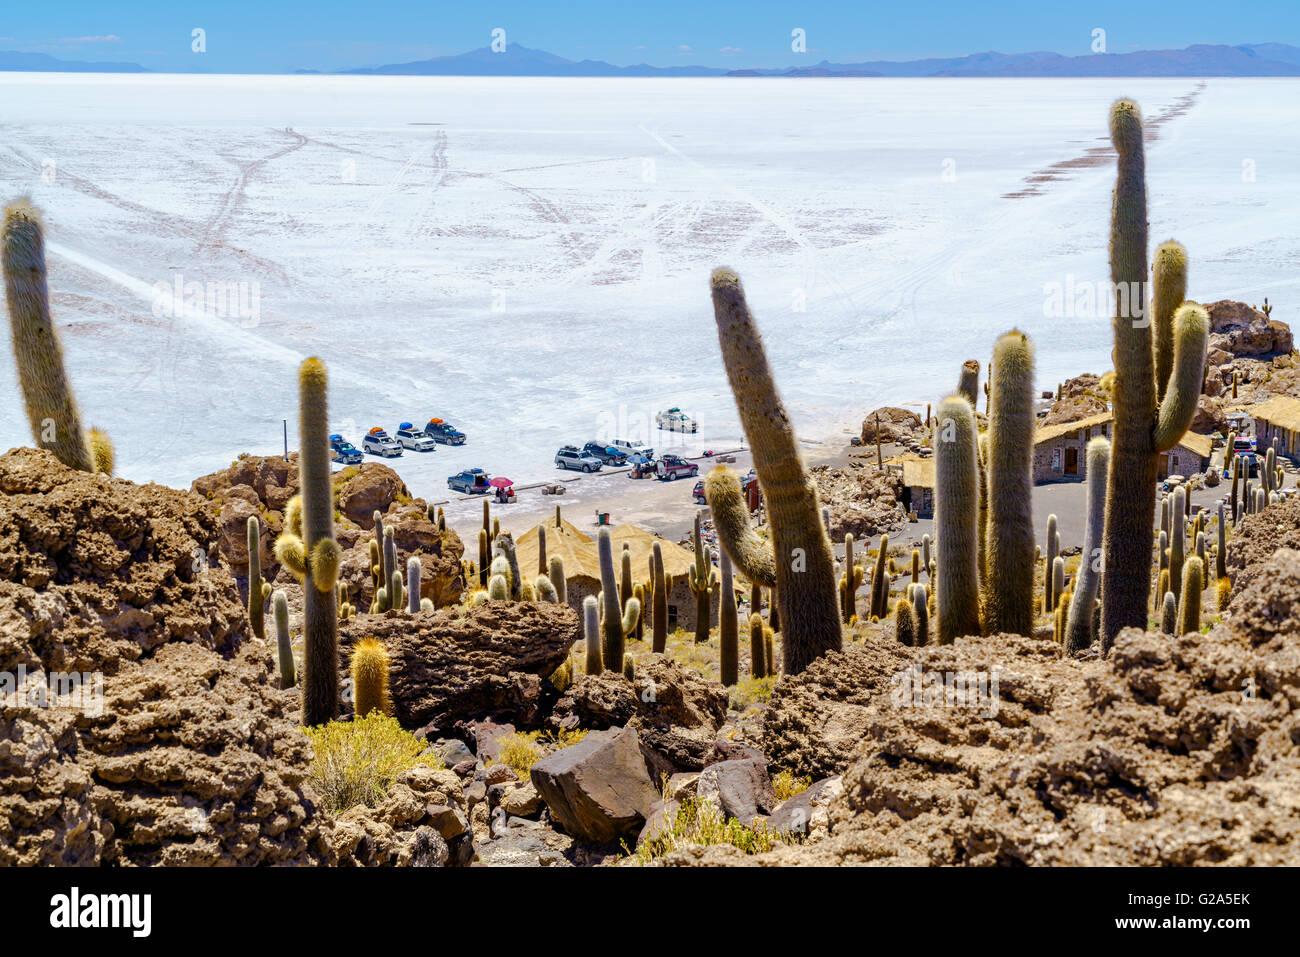 Los turistas aparcamiento en la Isla Incahuasi en Salar de Uyuni Salar para visitar y almorzar Imagen De Stock